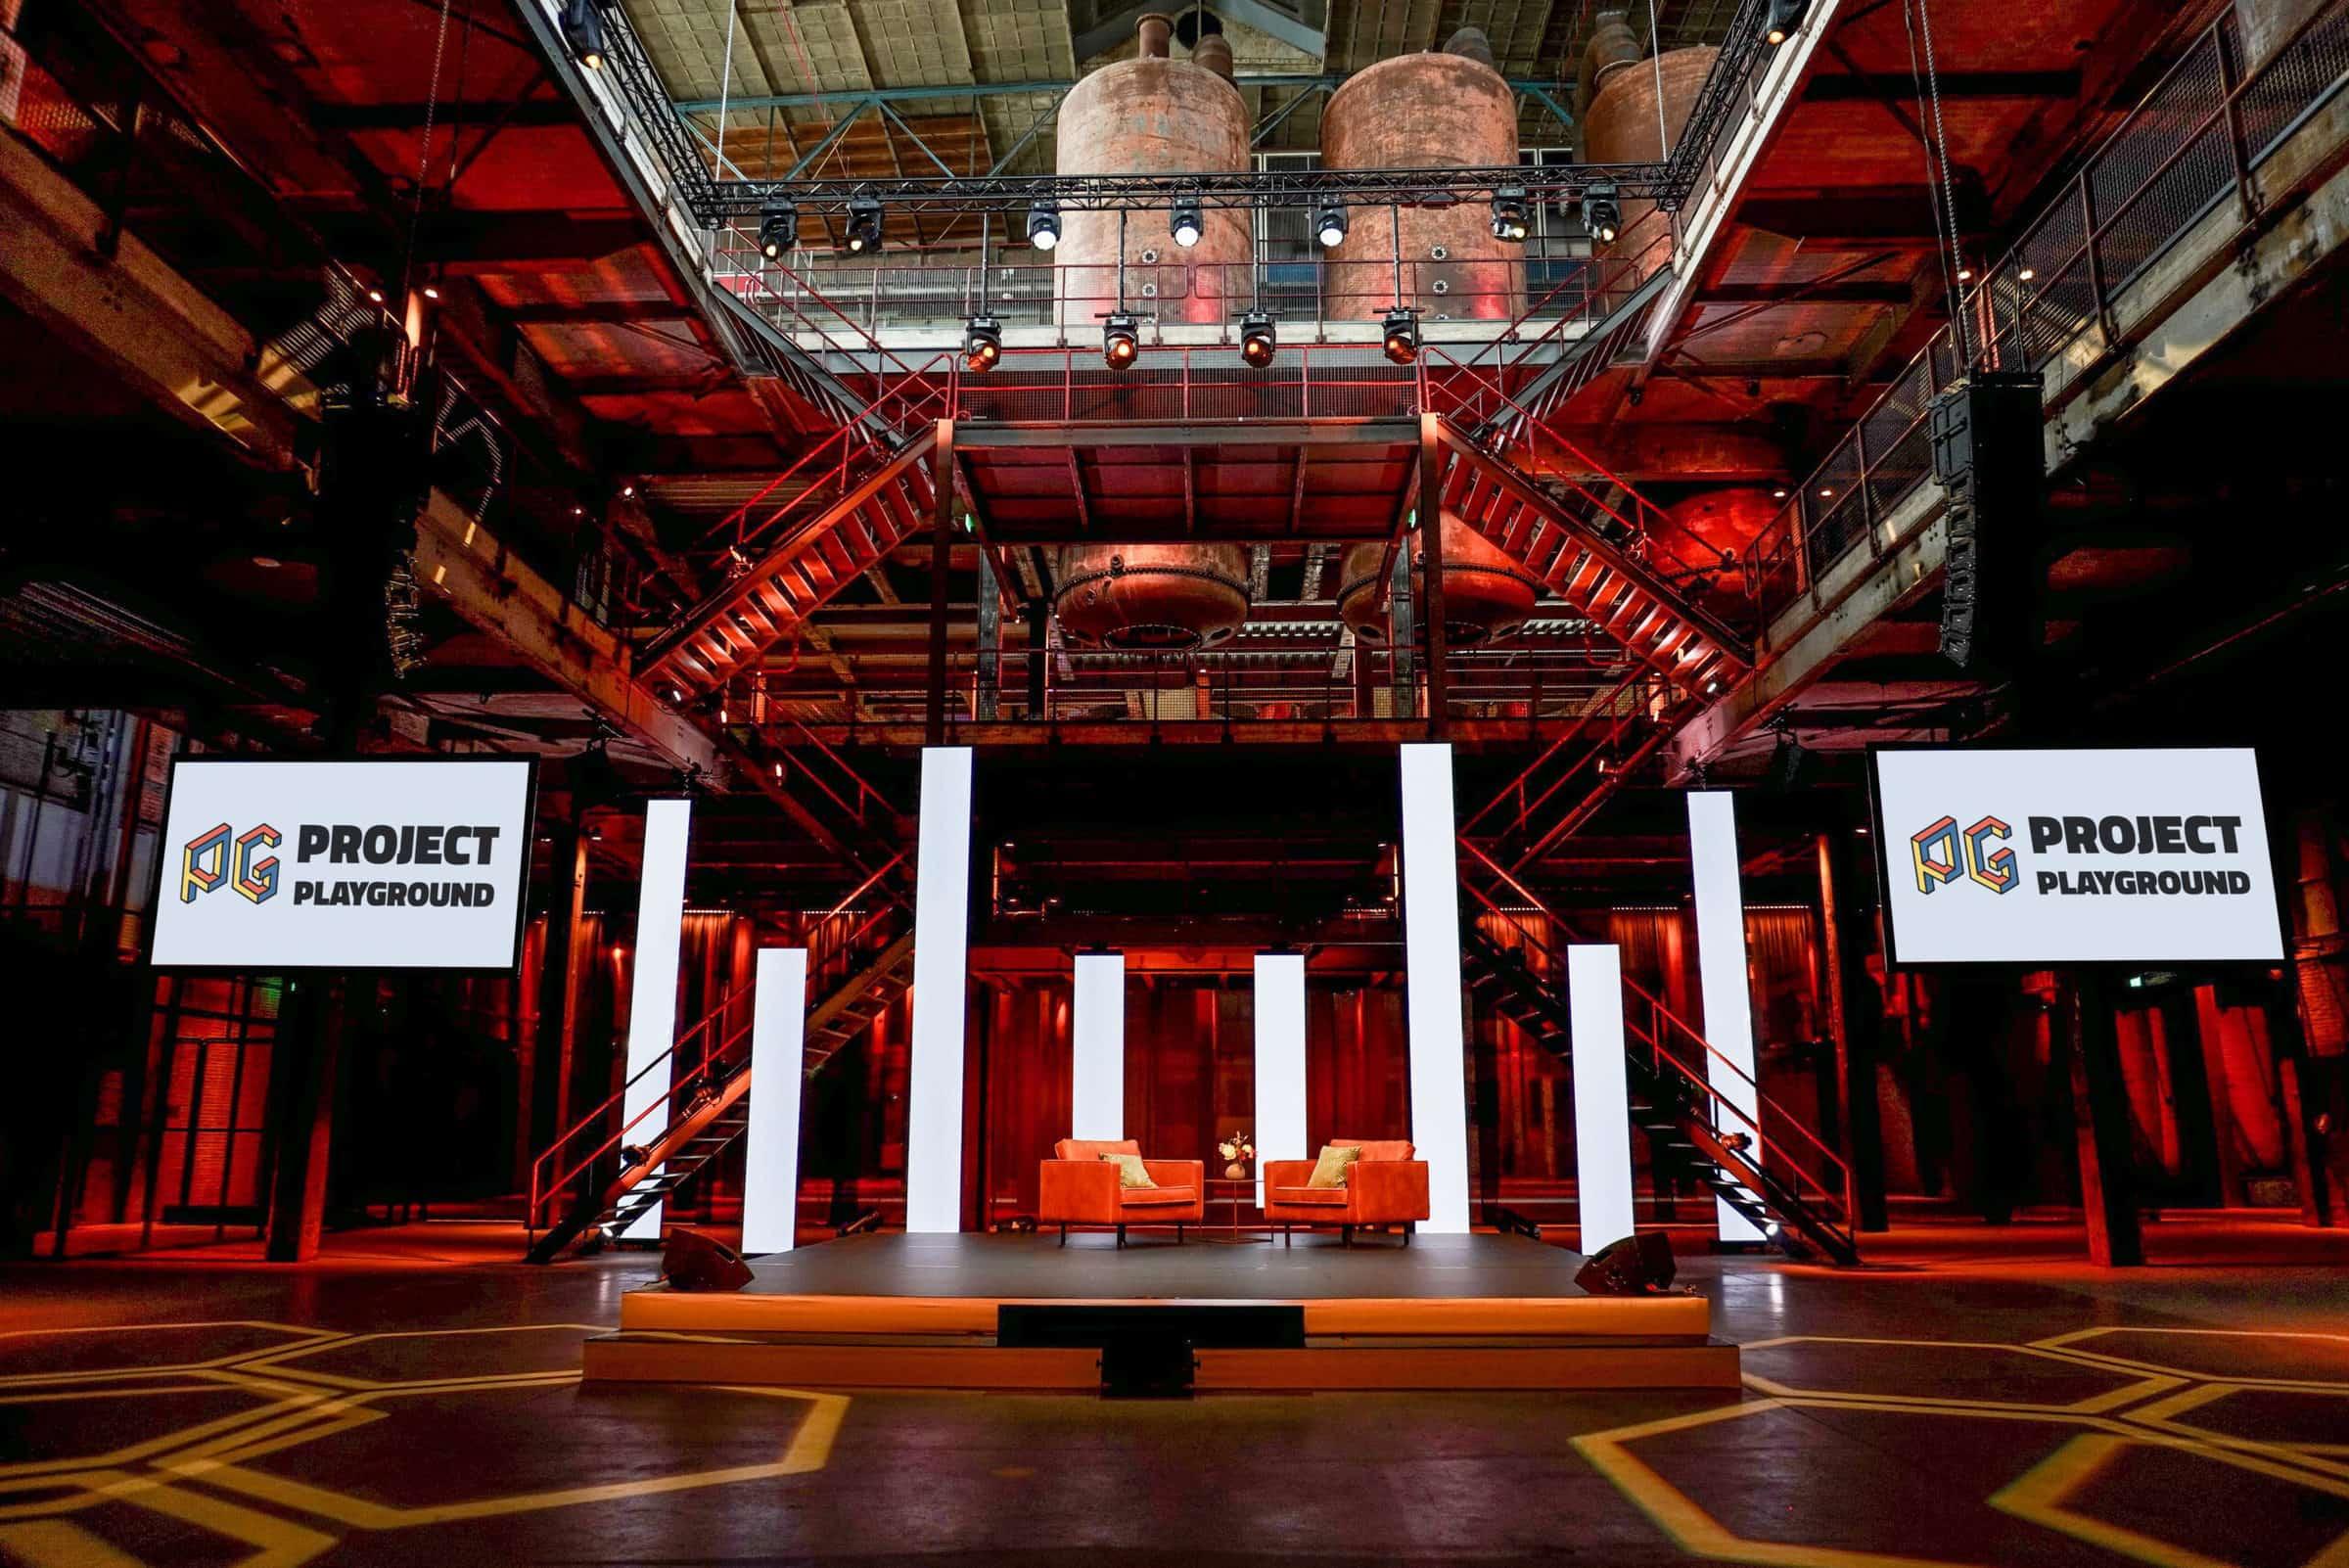 Studio in fabriek met rode uitlichting - Project Playground